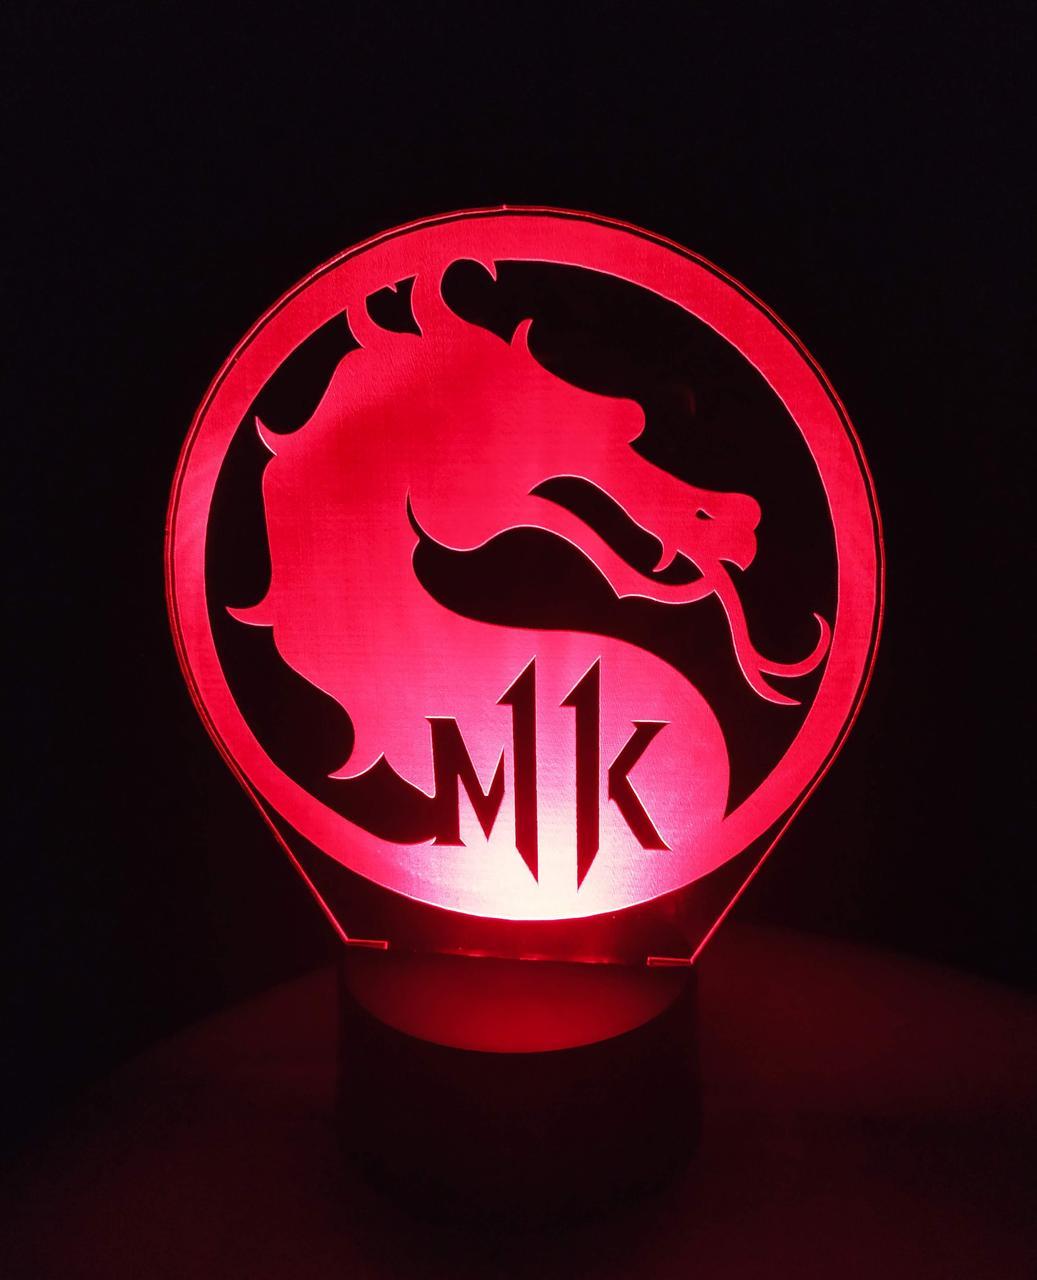 3d-світильник Мортал Комбат Mortal Kombat, 3д-нічник, кілька підсвічувань (батарейка+220В)